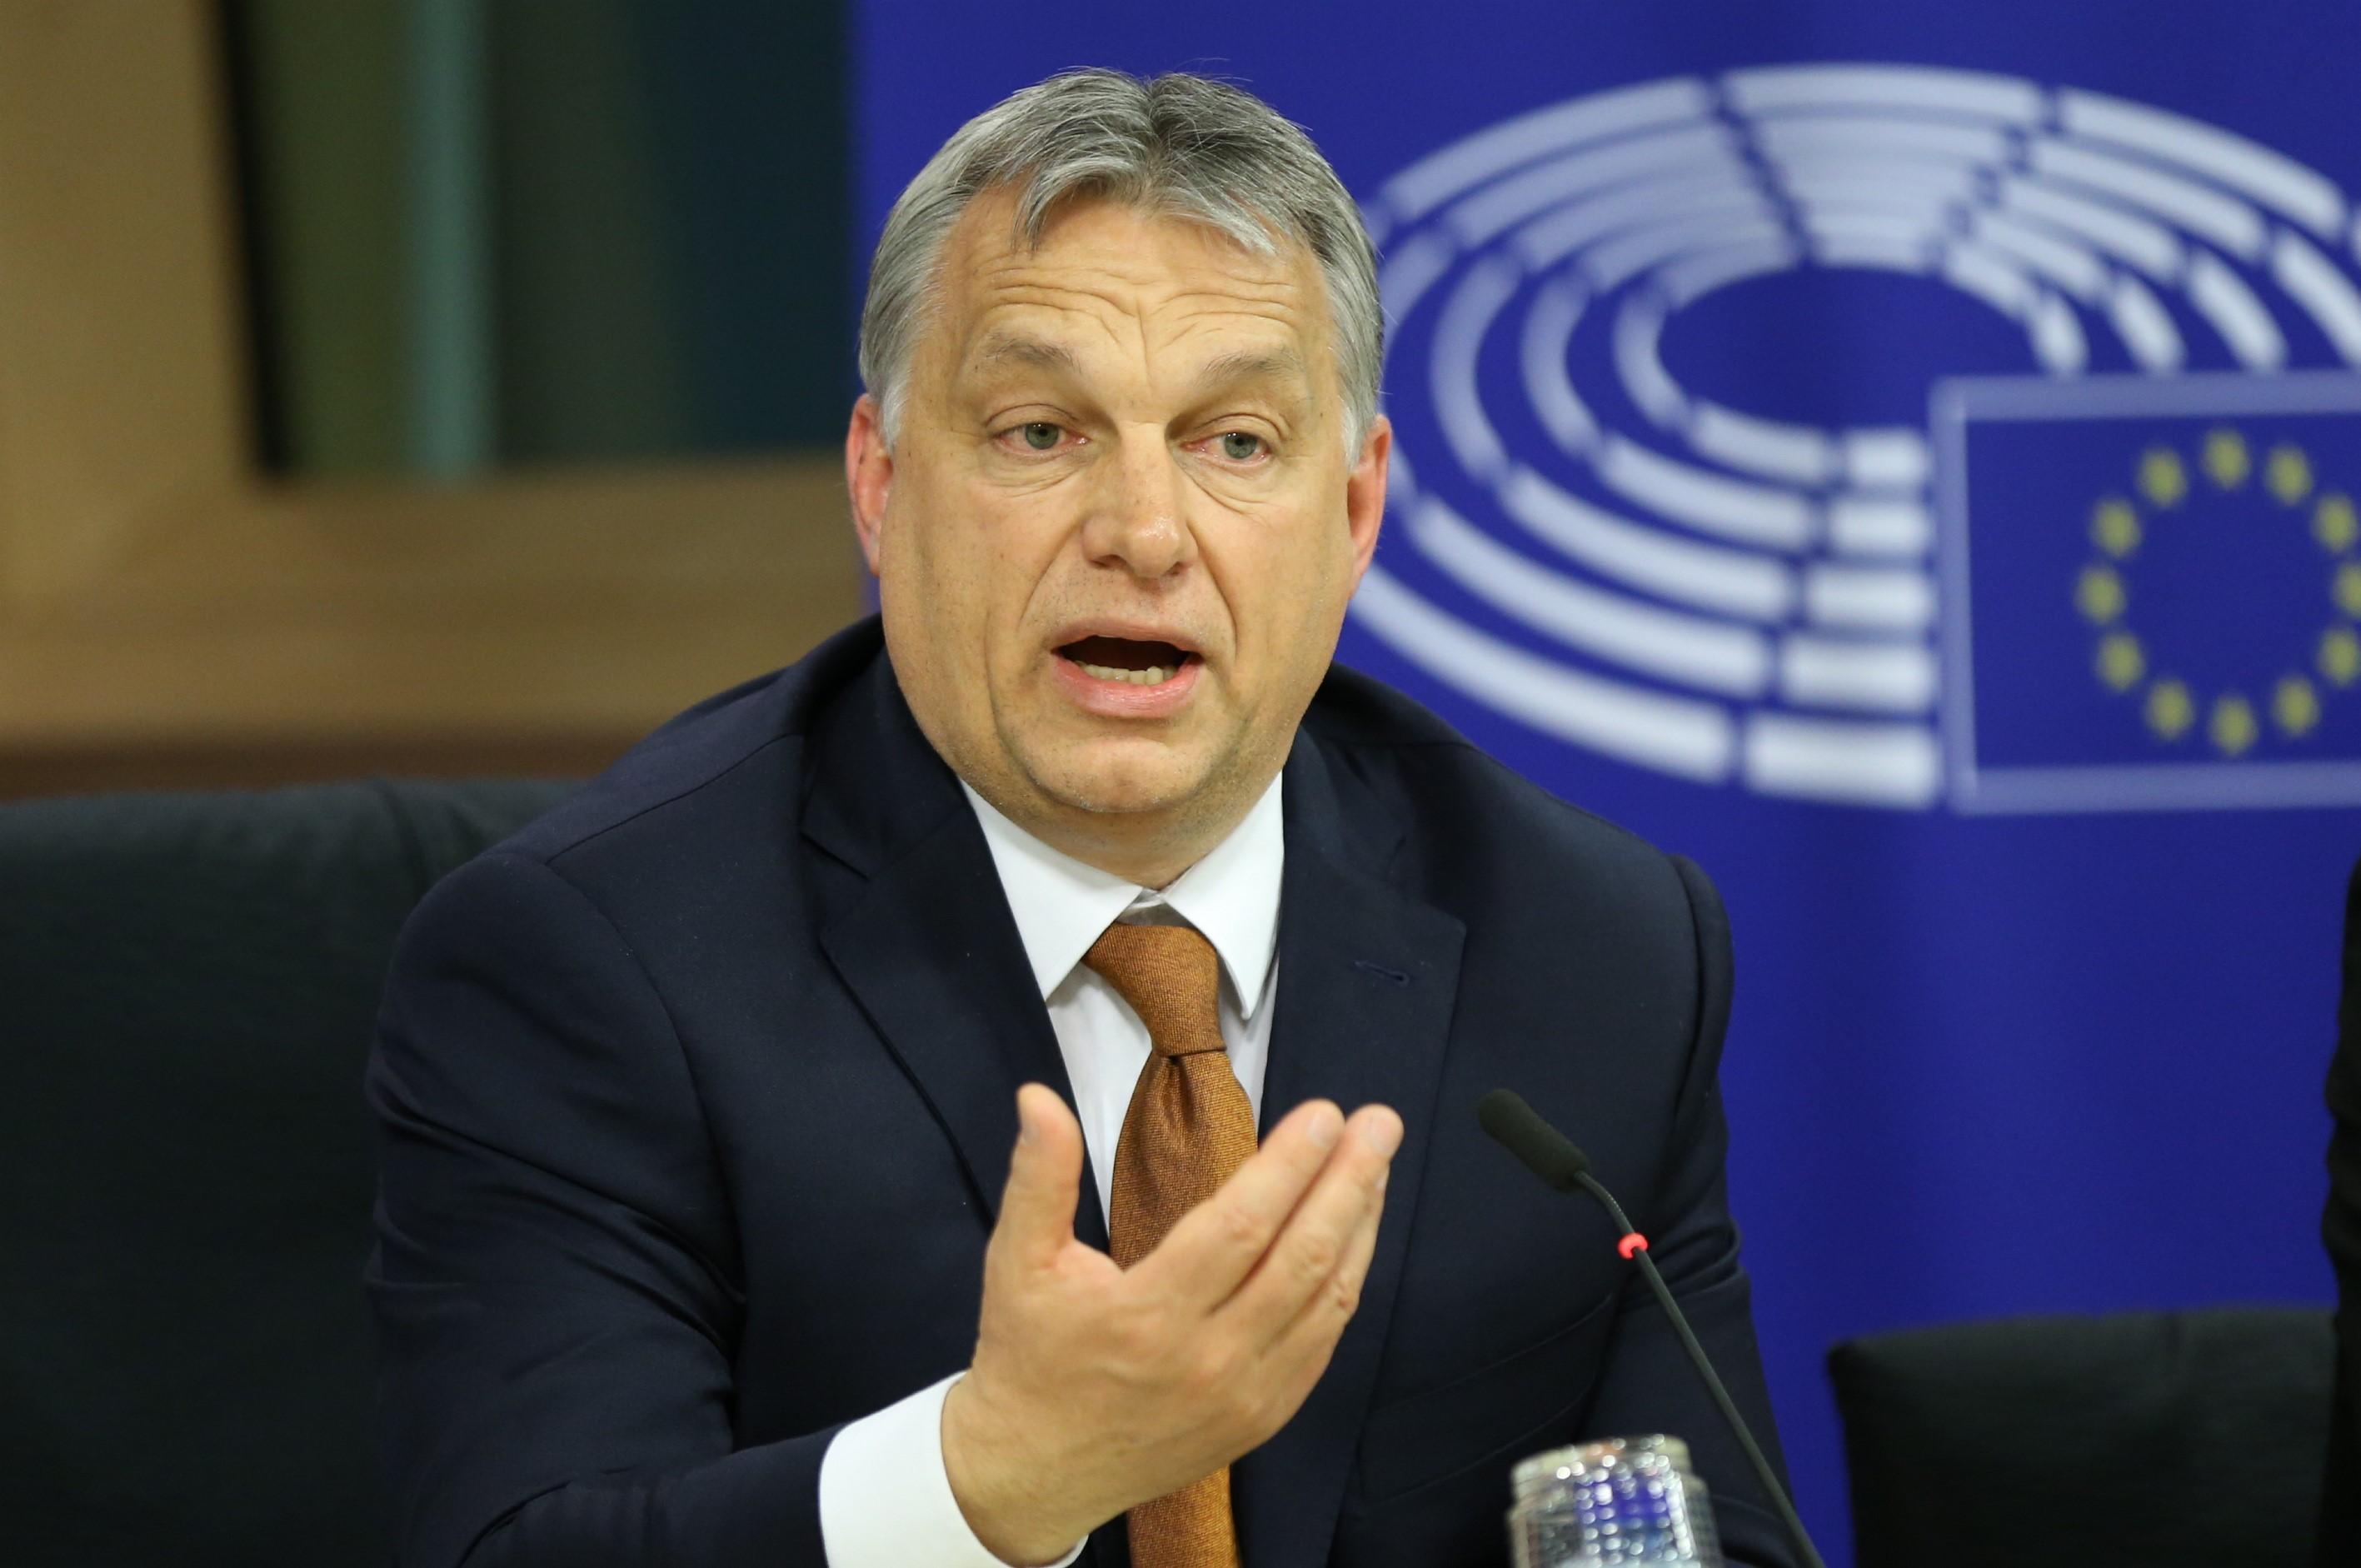 Premierul ungar Viktor Orban a fost reales preşedinte al partidului Fidesz